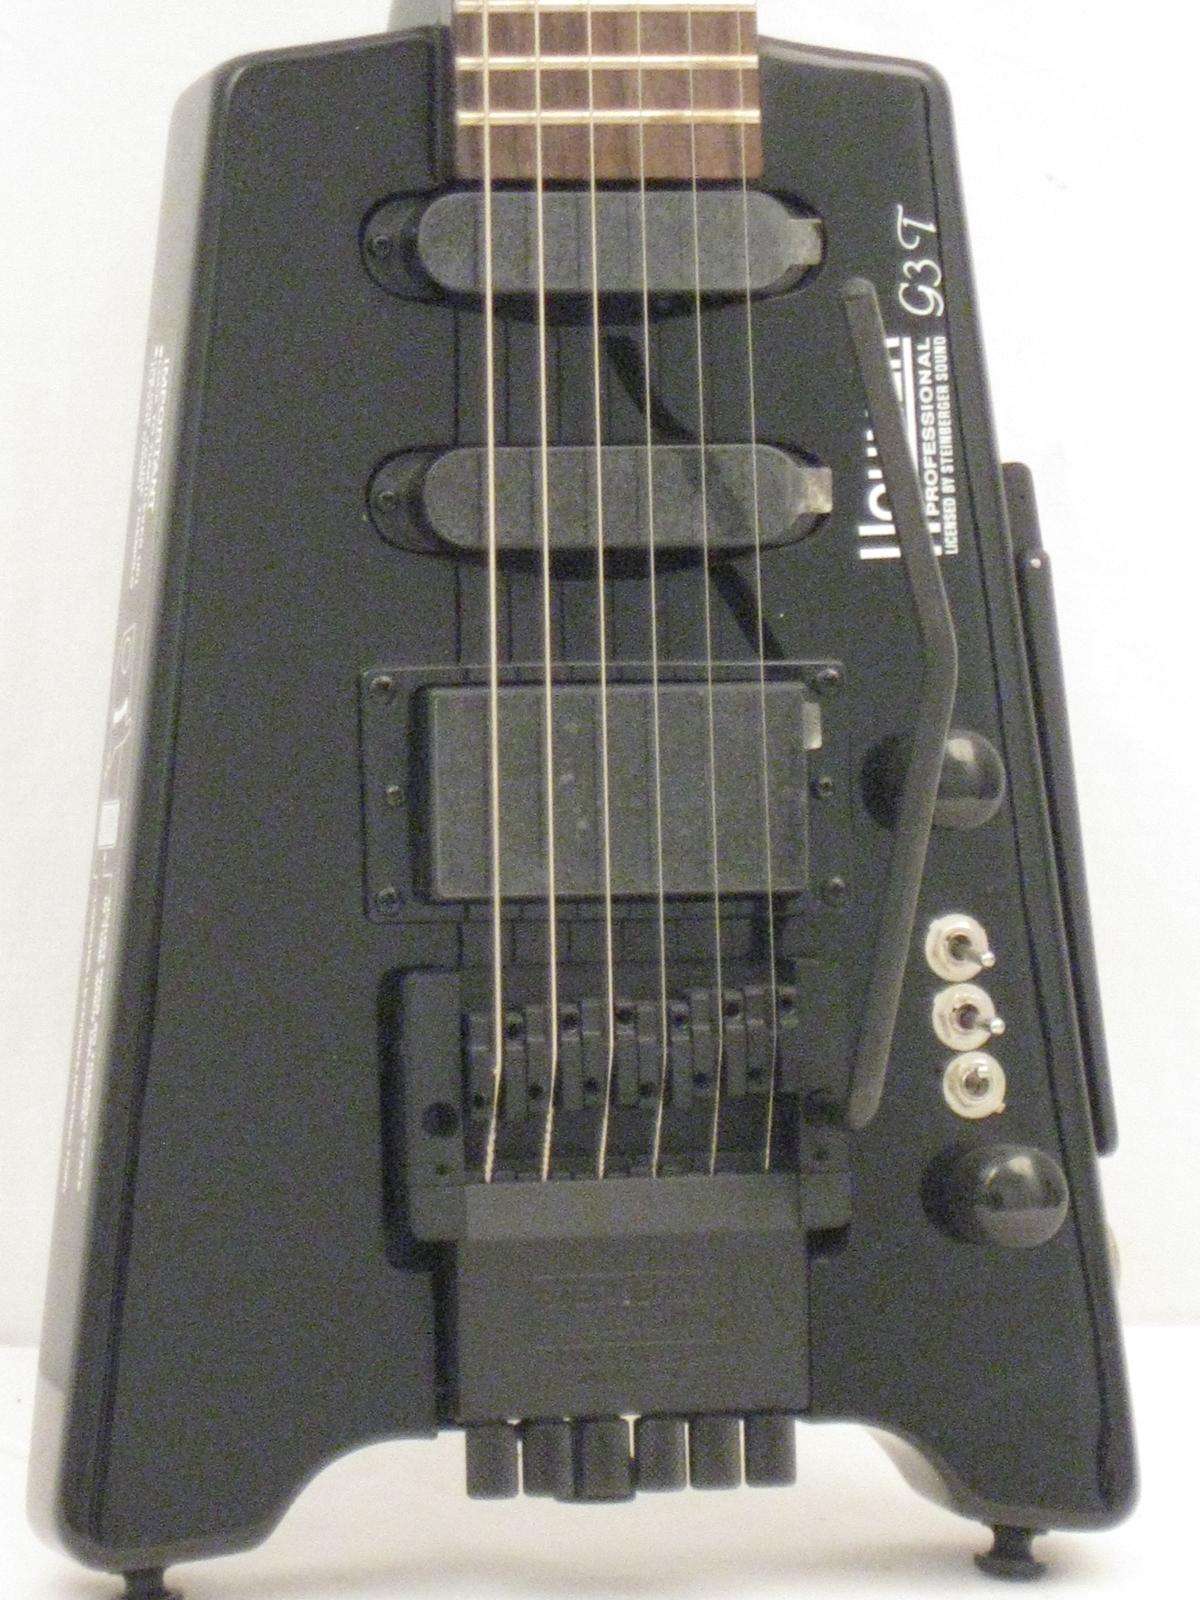 traveler guitar wiring diagram hohner gt3 bk headless chasingguitars  hohner gt3 bk headless chasingguitars